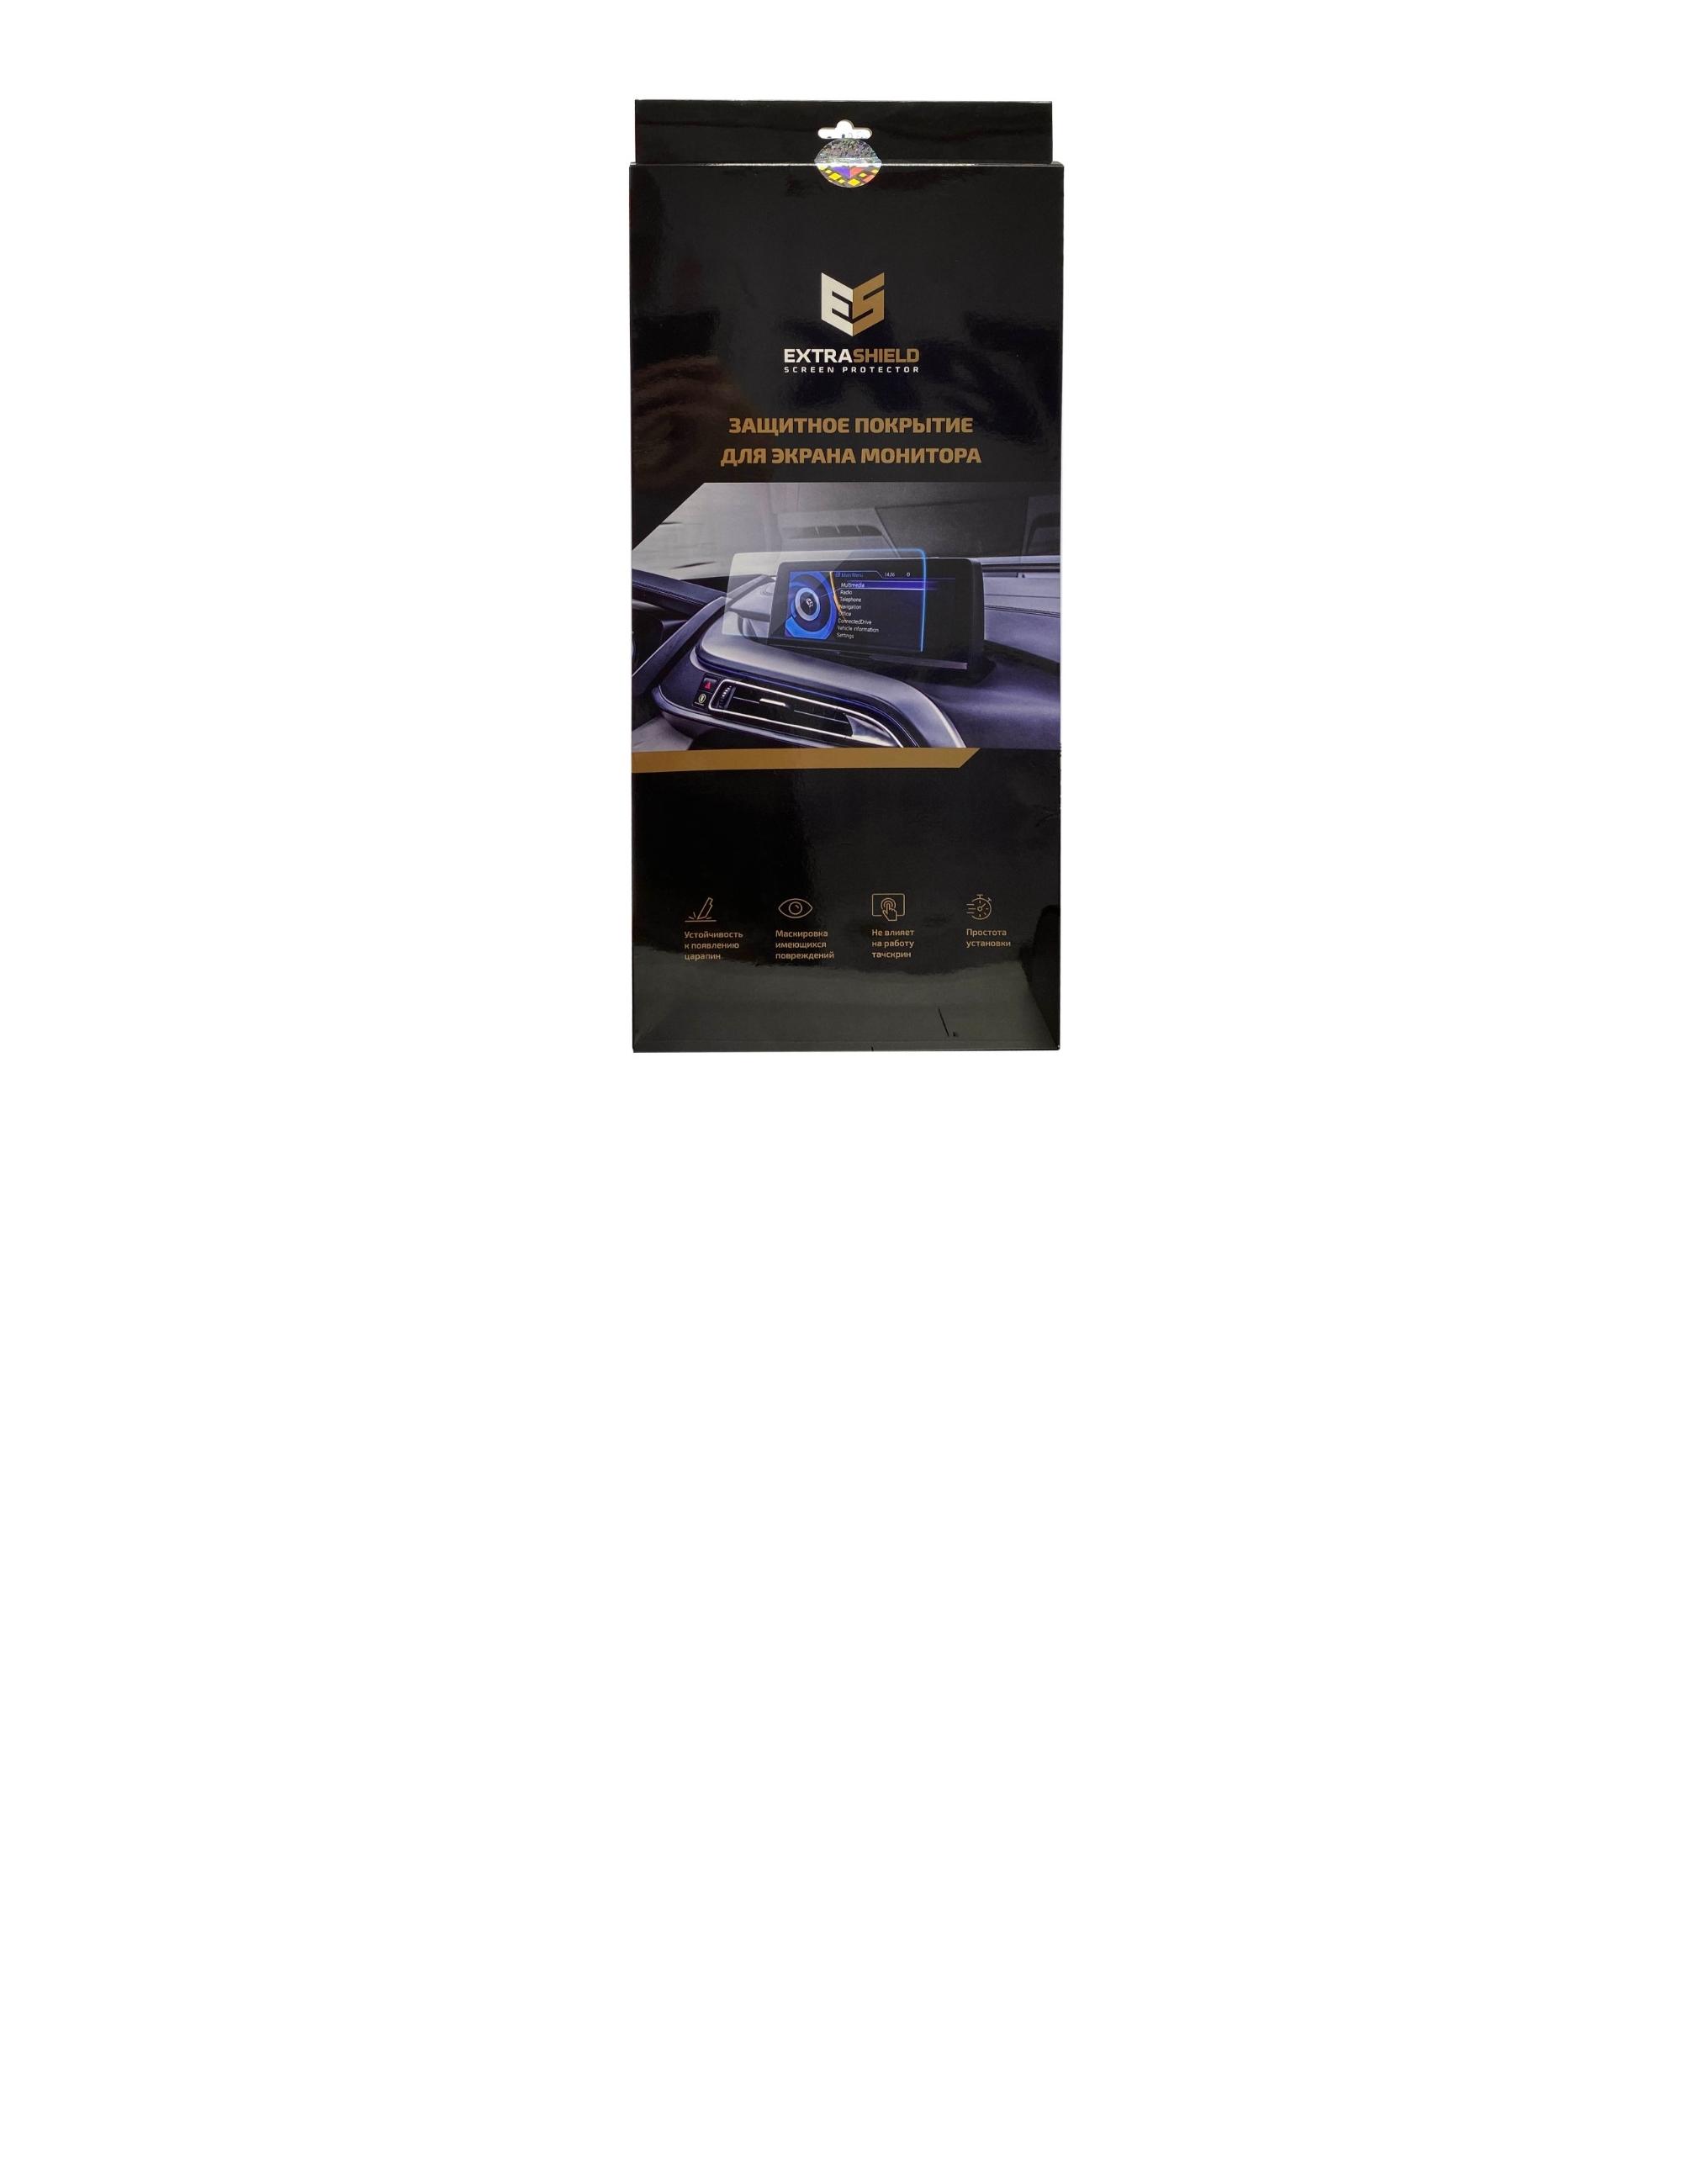 Jeep Renegade 2017 - 2020 мультимедиа 8.4 Защитное стекло Матовая